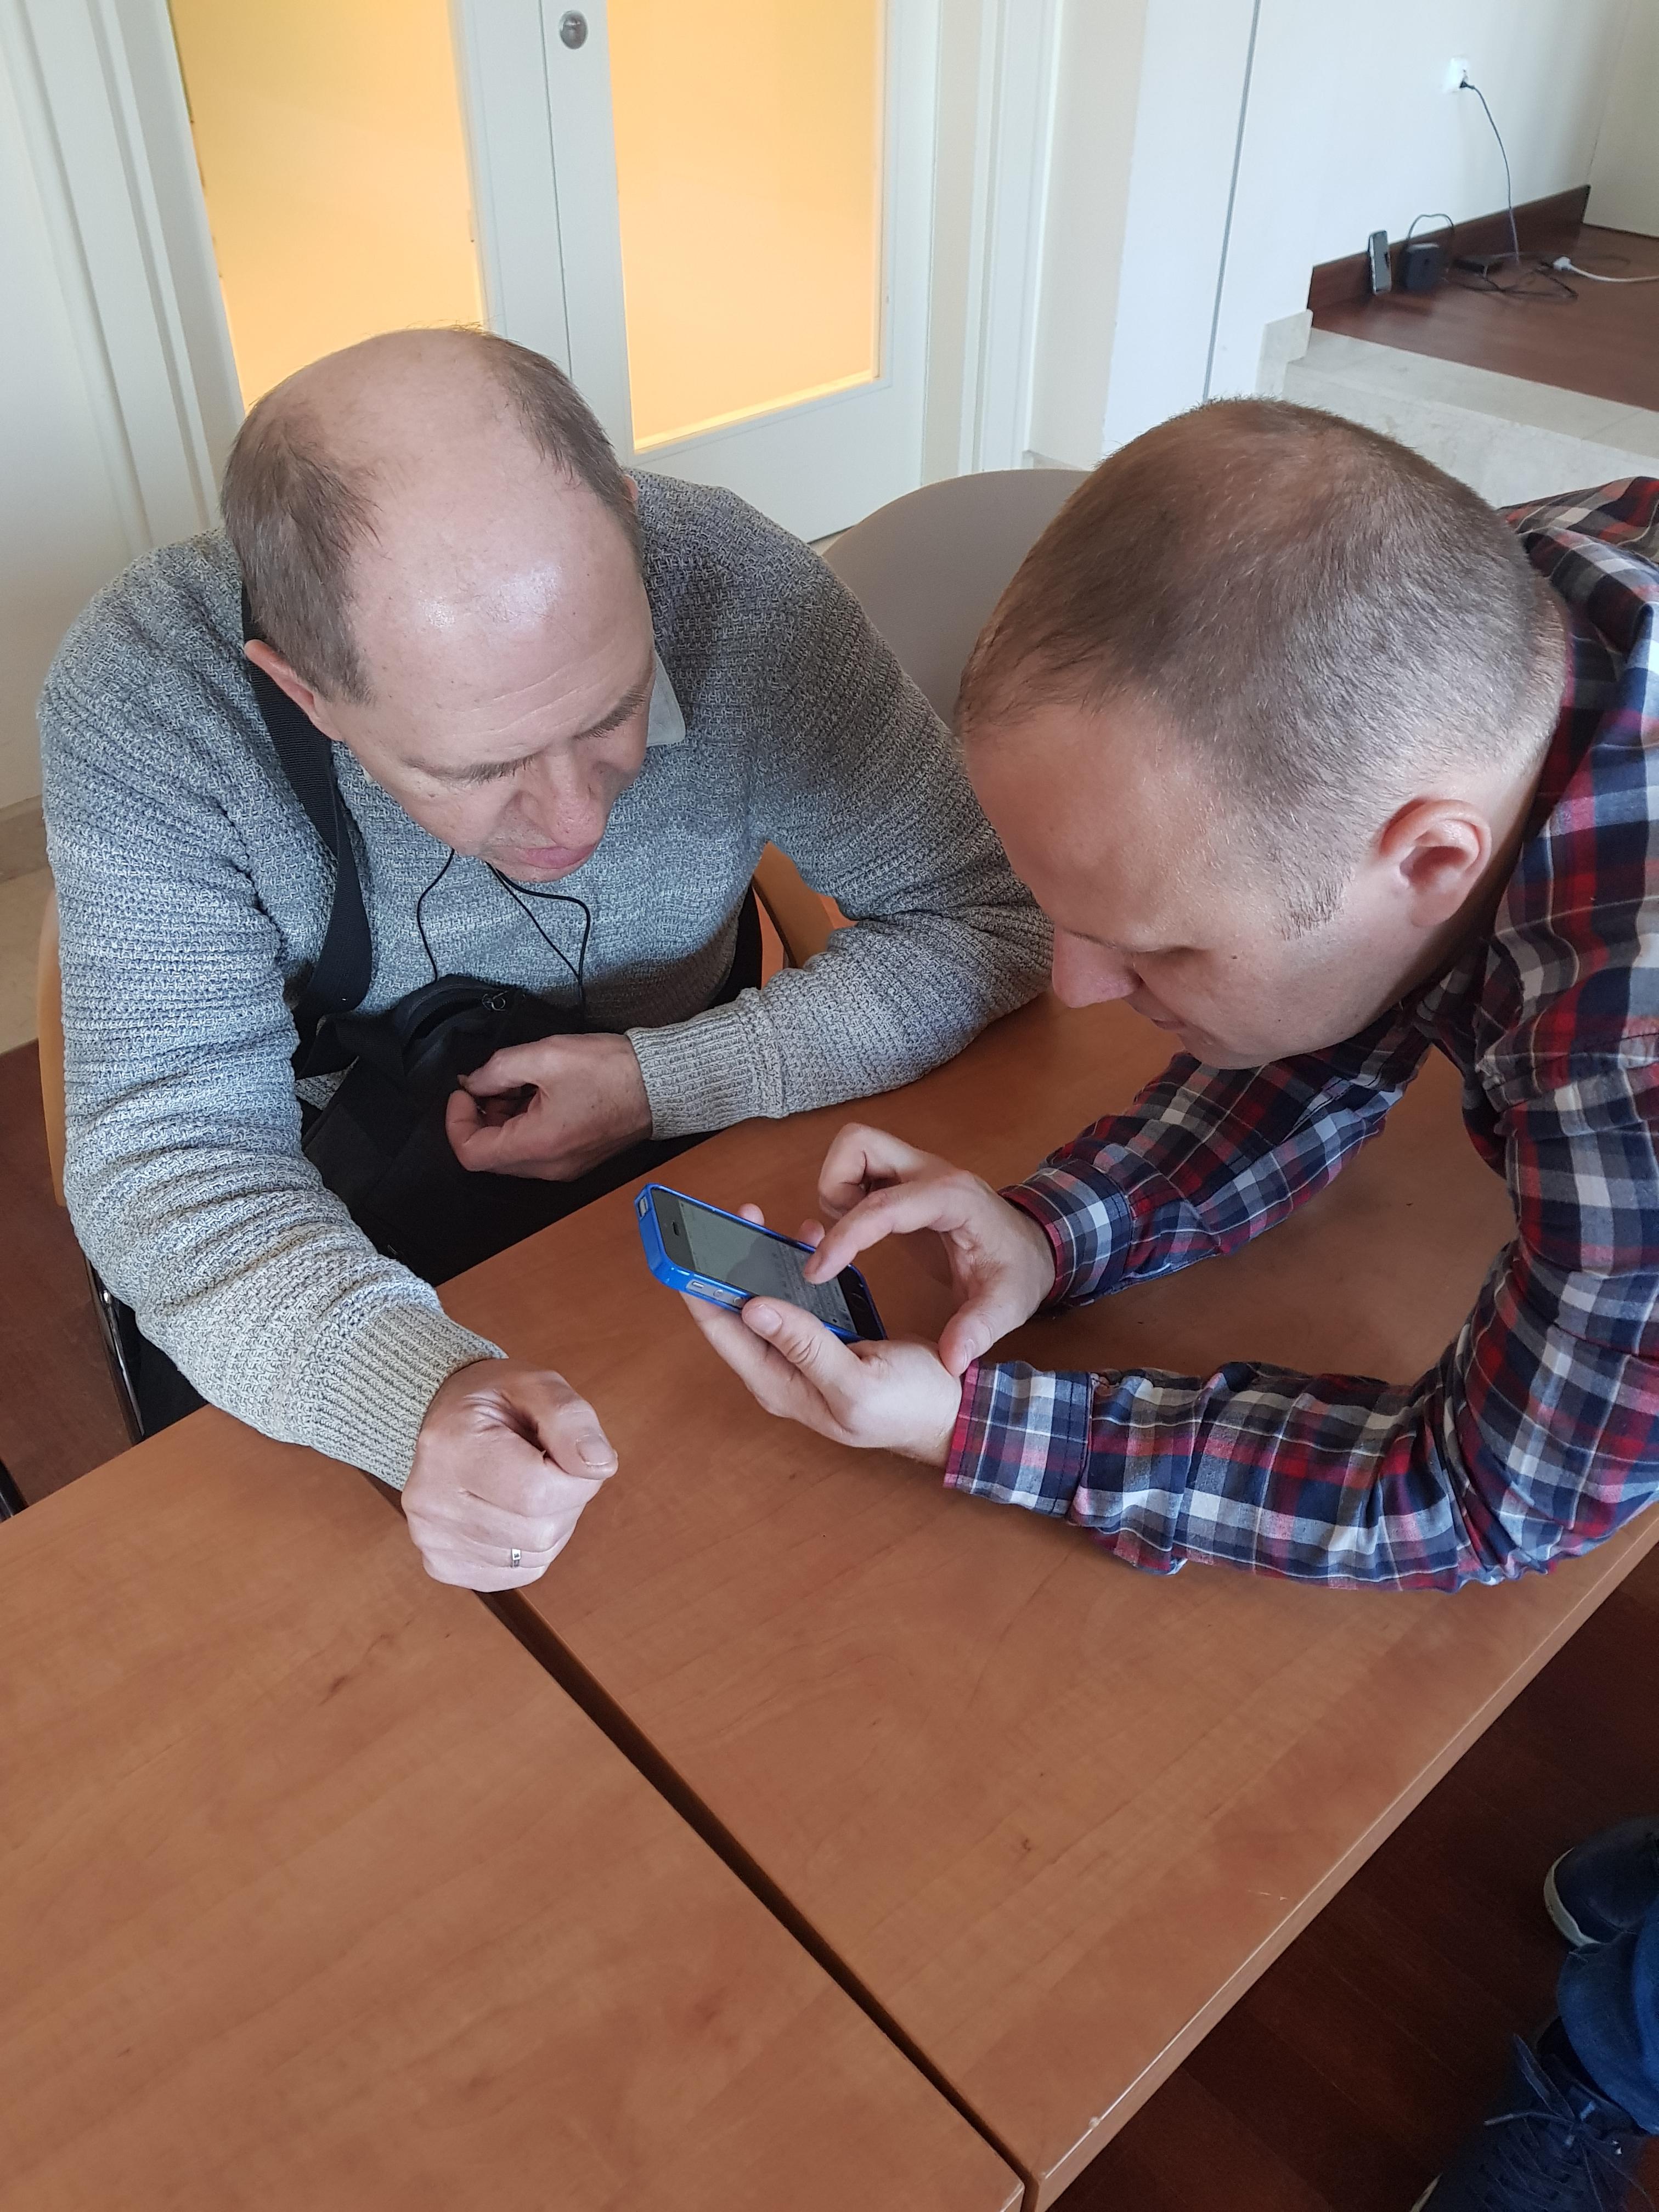 Trener podczas konfigurowania iPhone'a jednego z panów, z lewej siedzący uczestnik ubrany w szary sweter, przy nim instruktor w koszuli w kratę biało-czarno-czerwoną trzymający w ręku iPhone